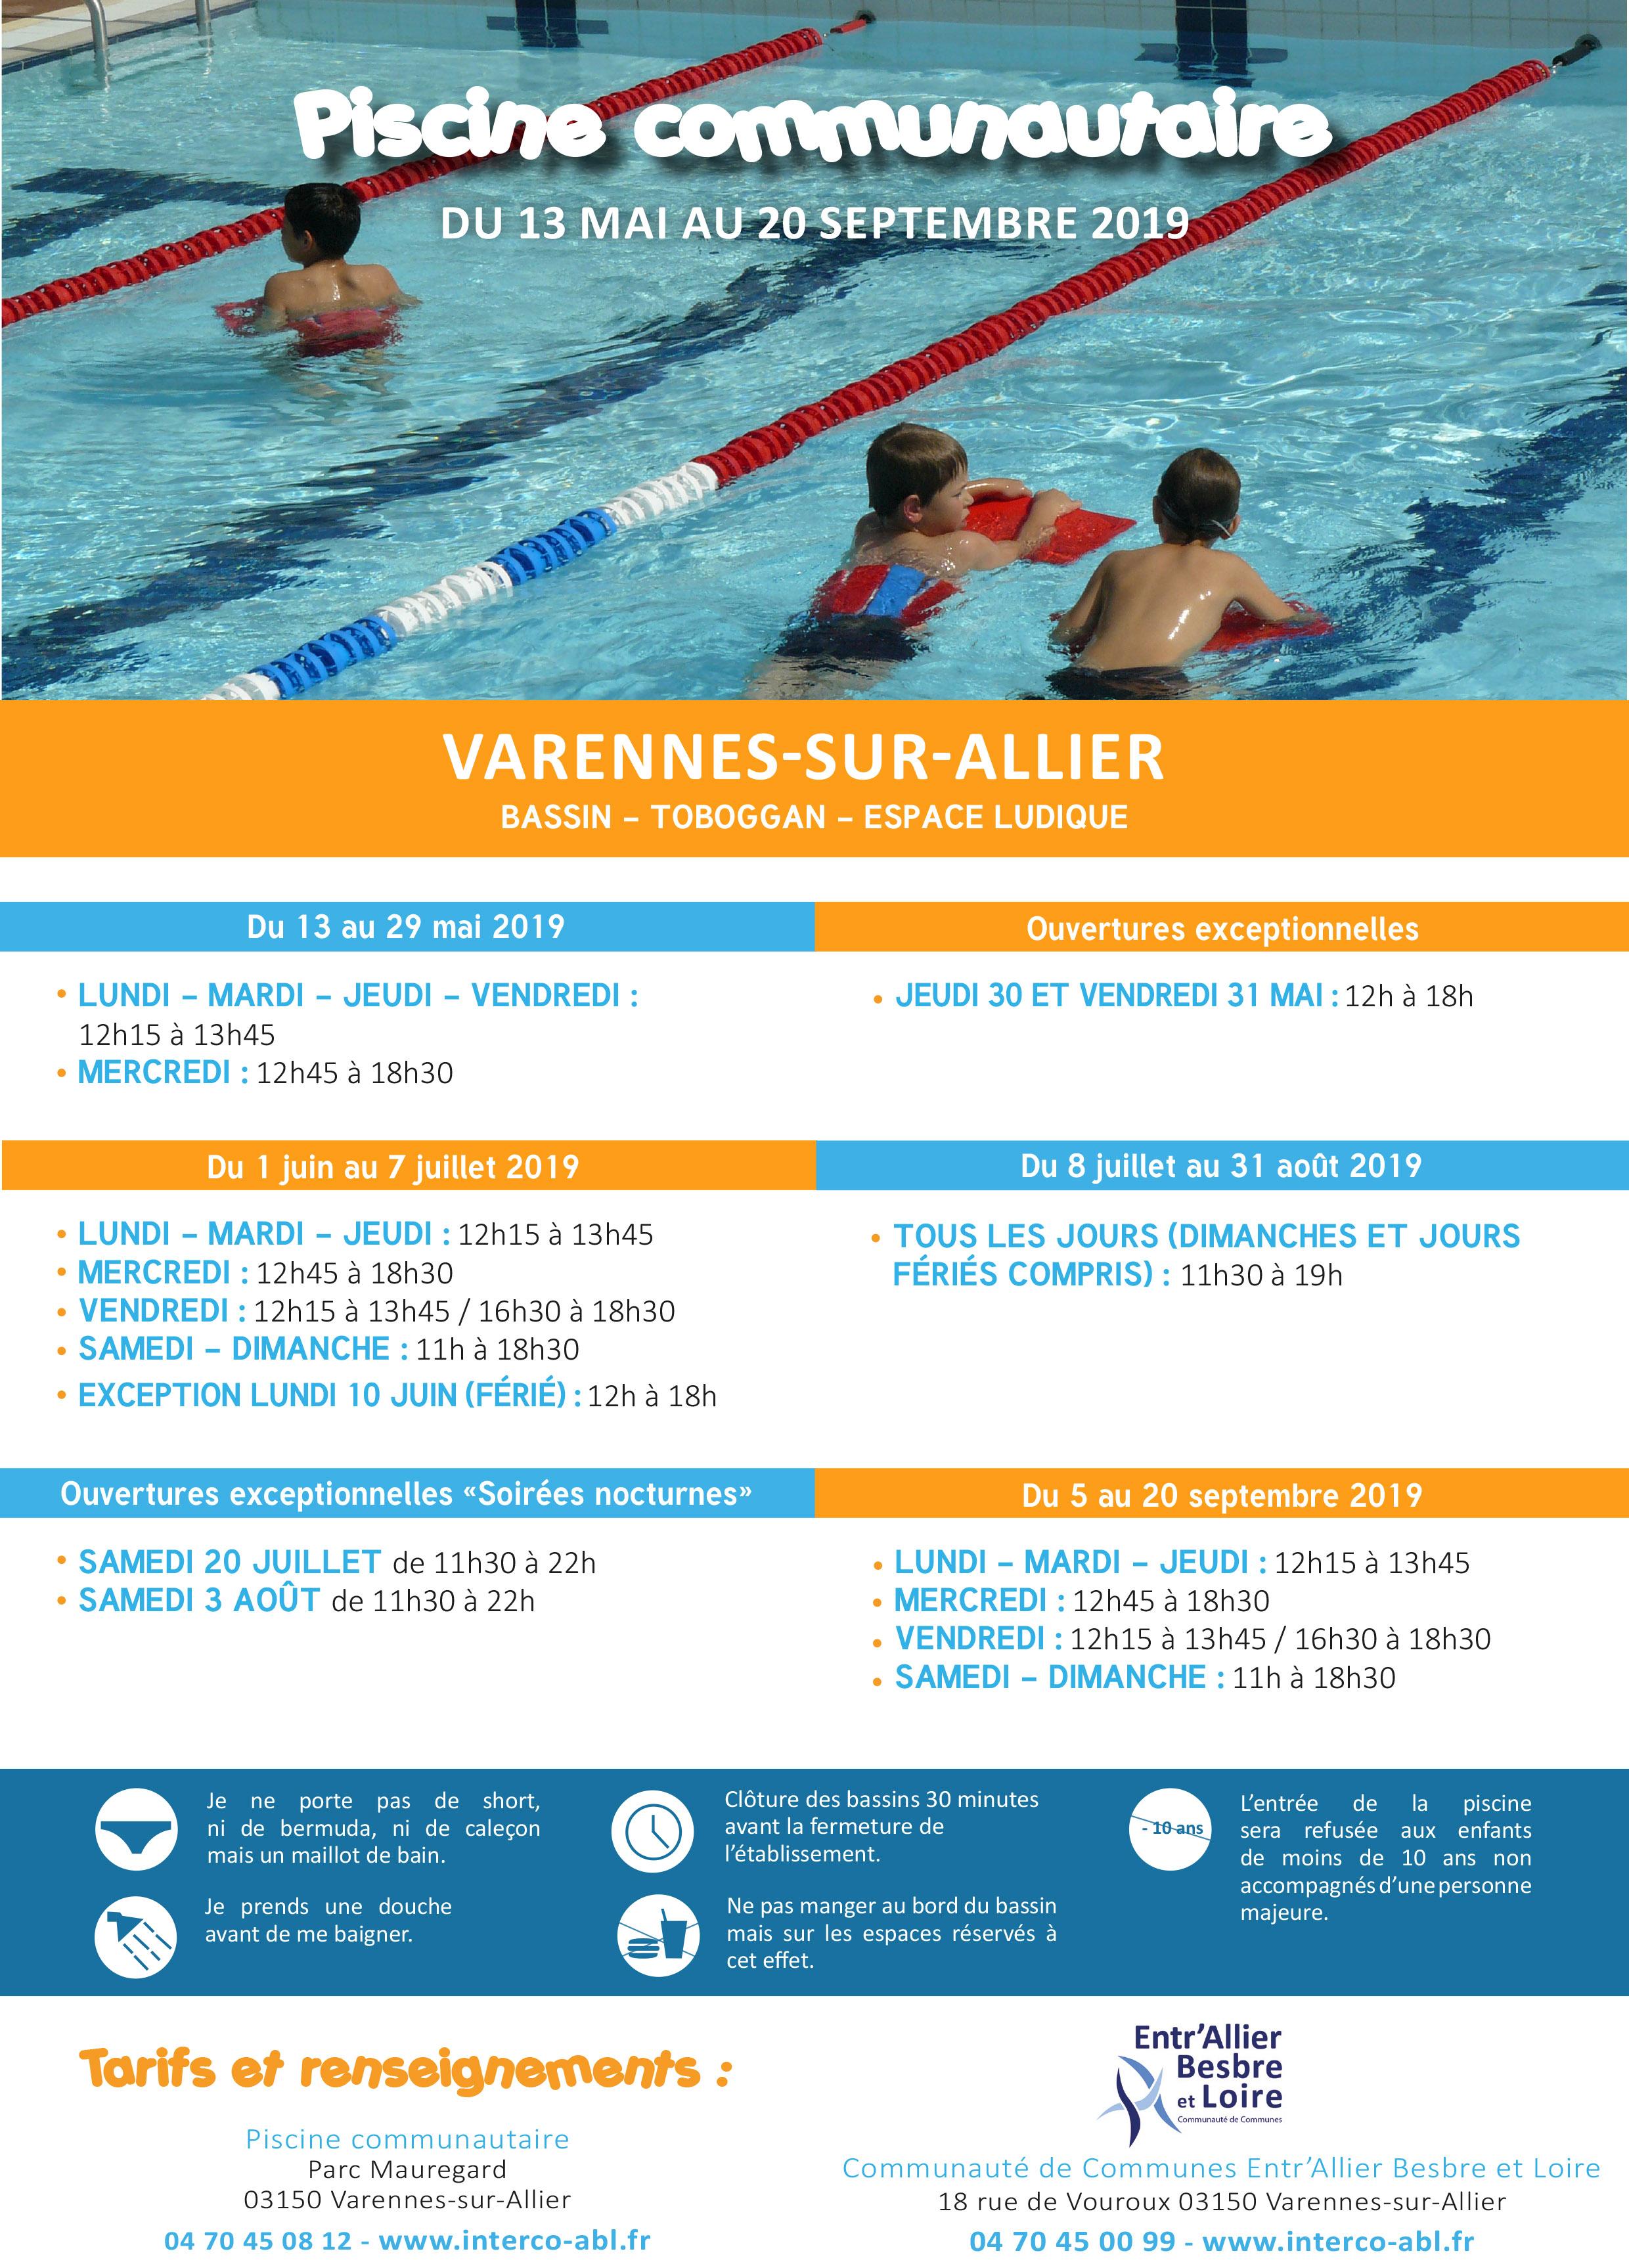 Horaires 2019 piscine de varennes-sur-allier